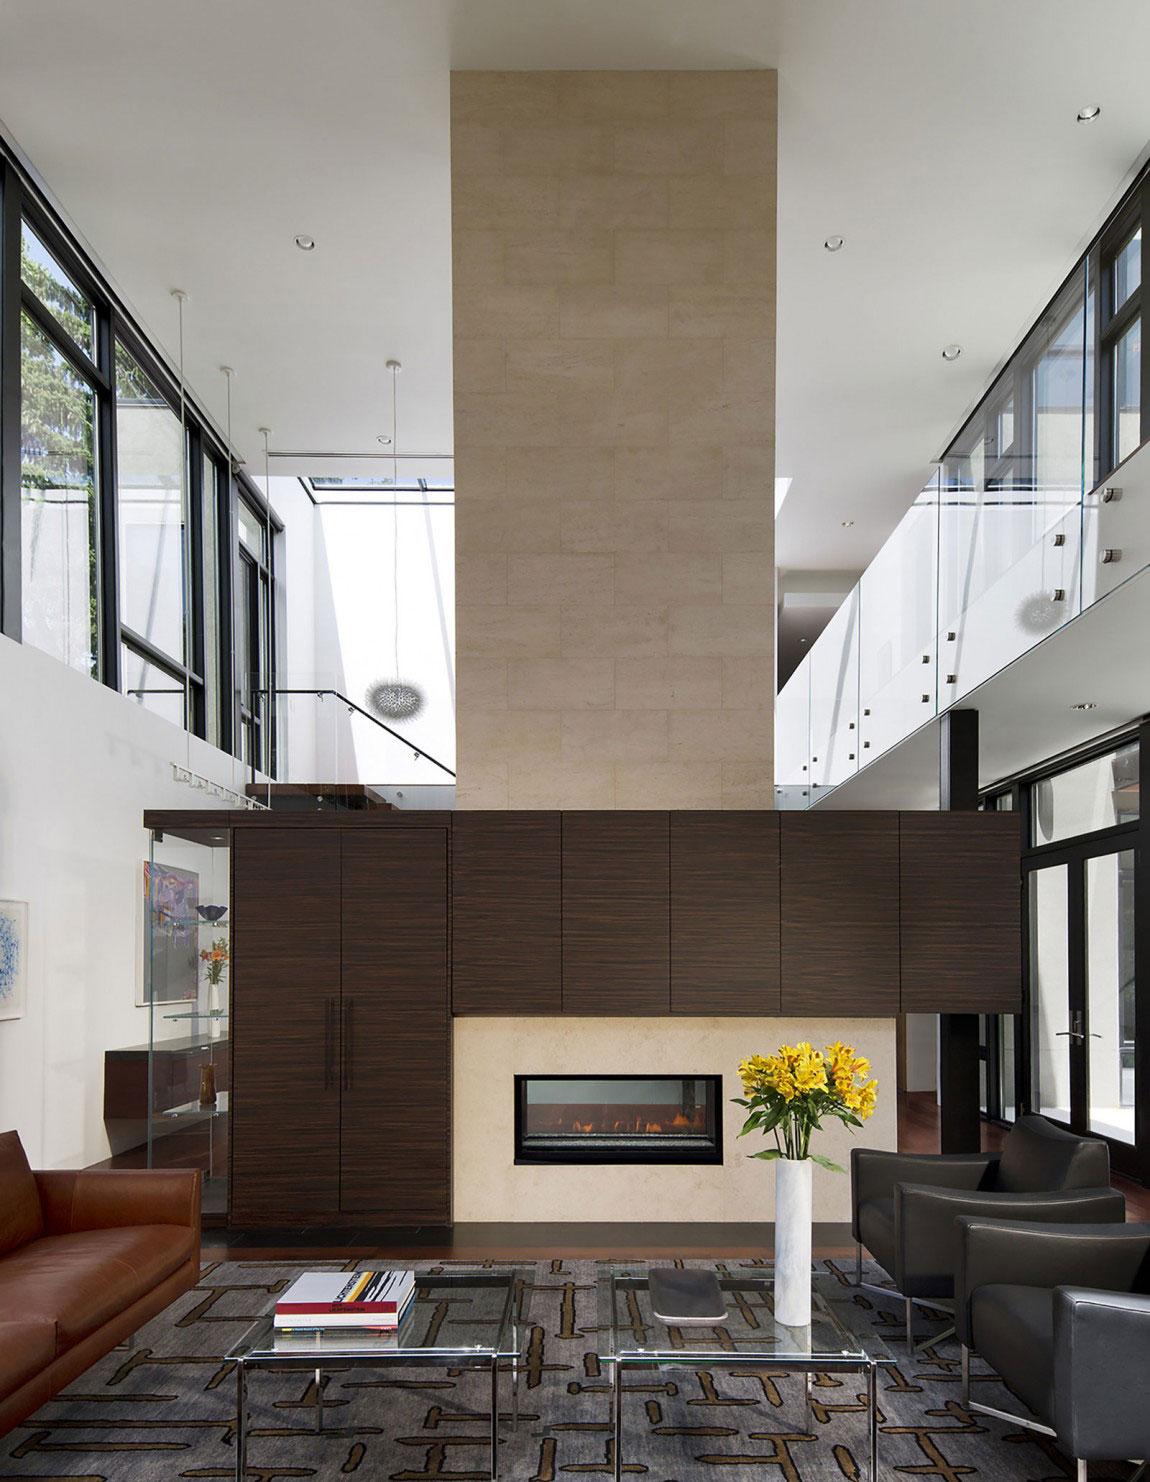 Brandywine-huset-är-en-inredning-och-arkitektur-inspiration-5 Brandywine-huset är en inspiration för inredning och arkitektur